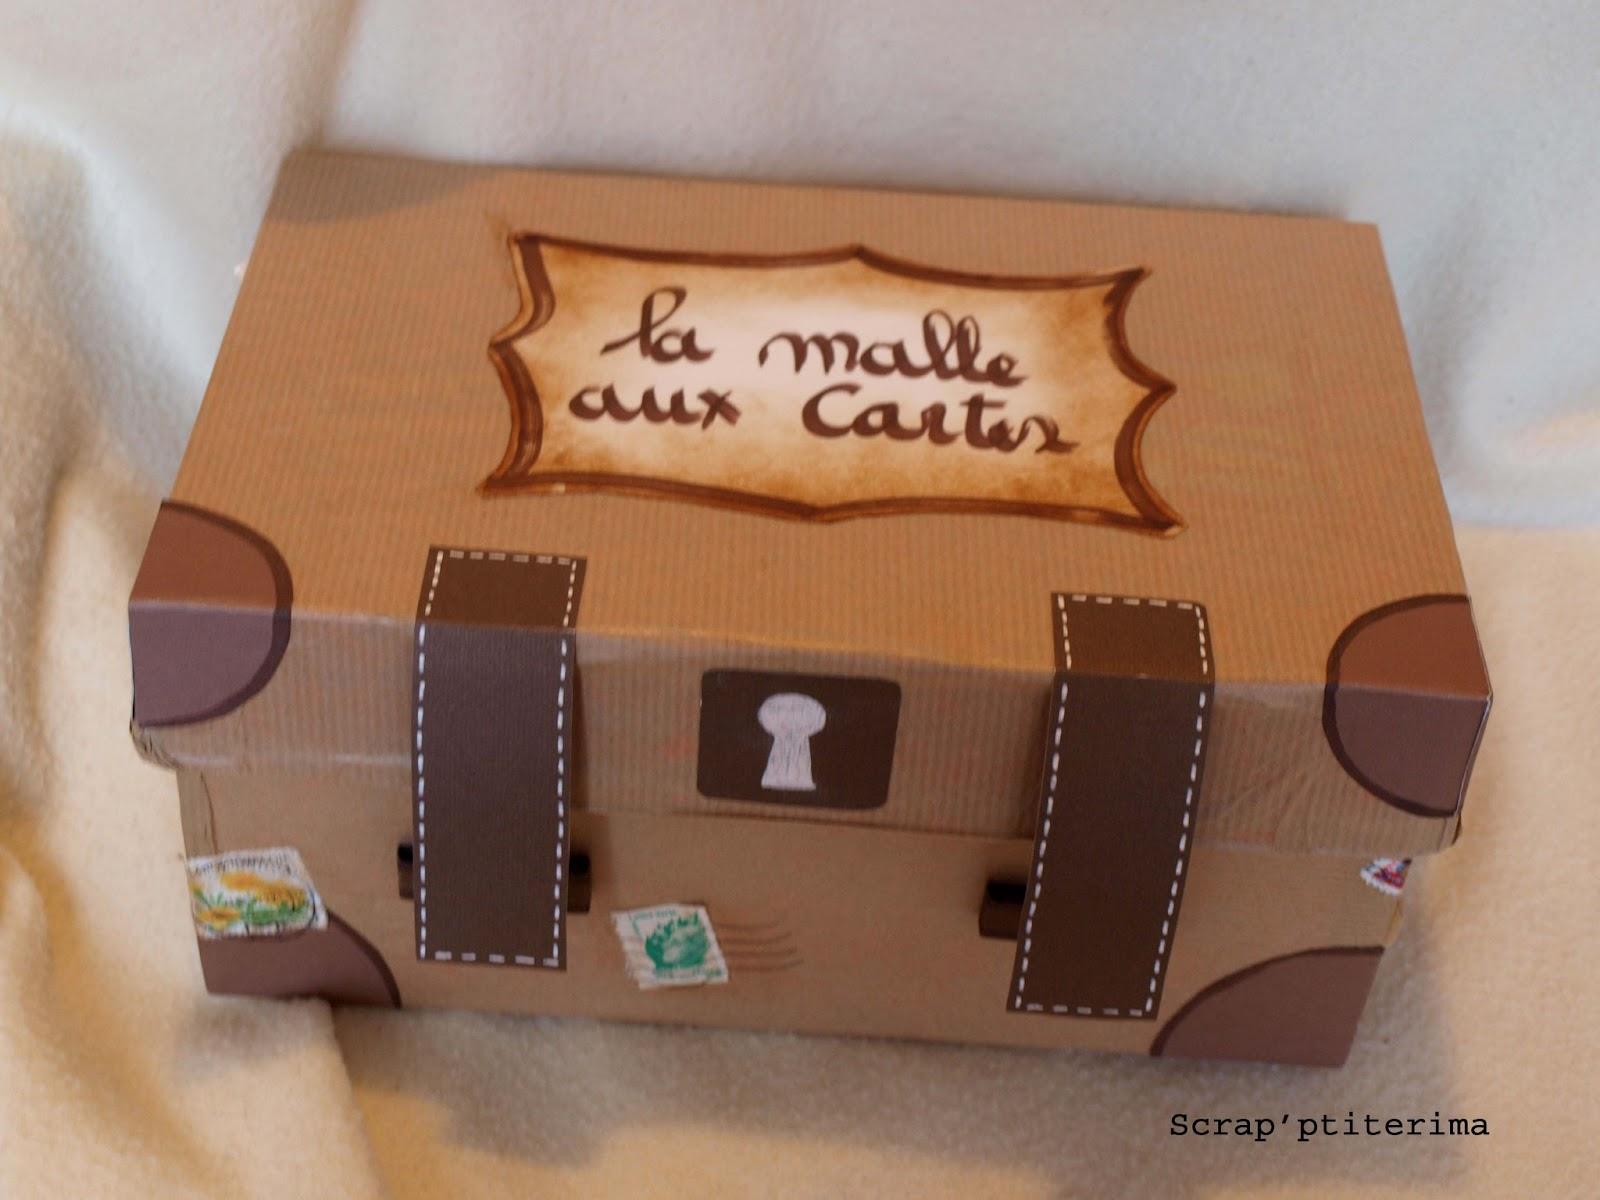 Scrap 39 ptiterima cartes de voeux - Comment decorer une boite a mouchoir en bois ...